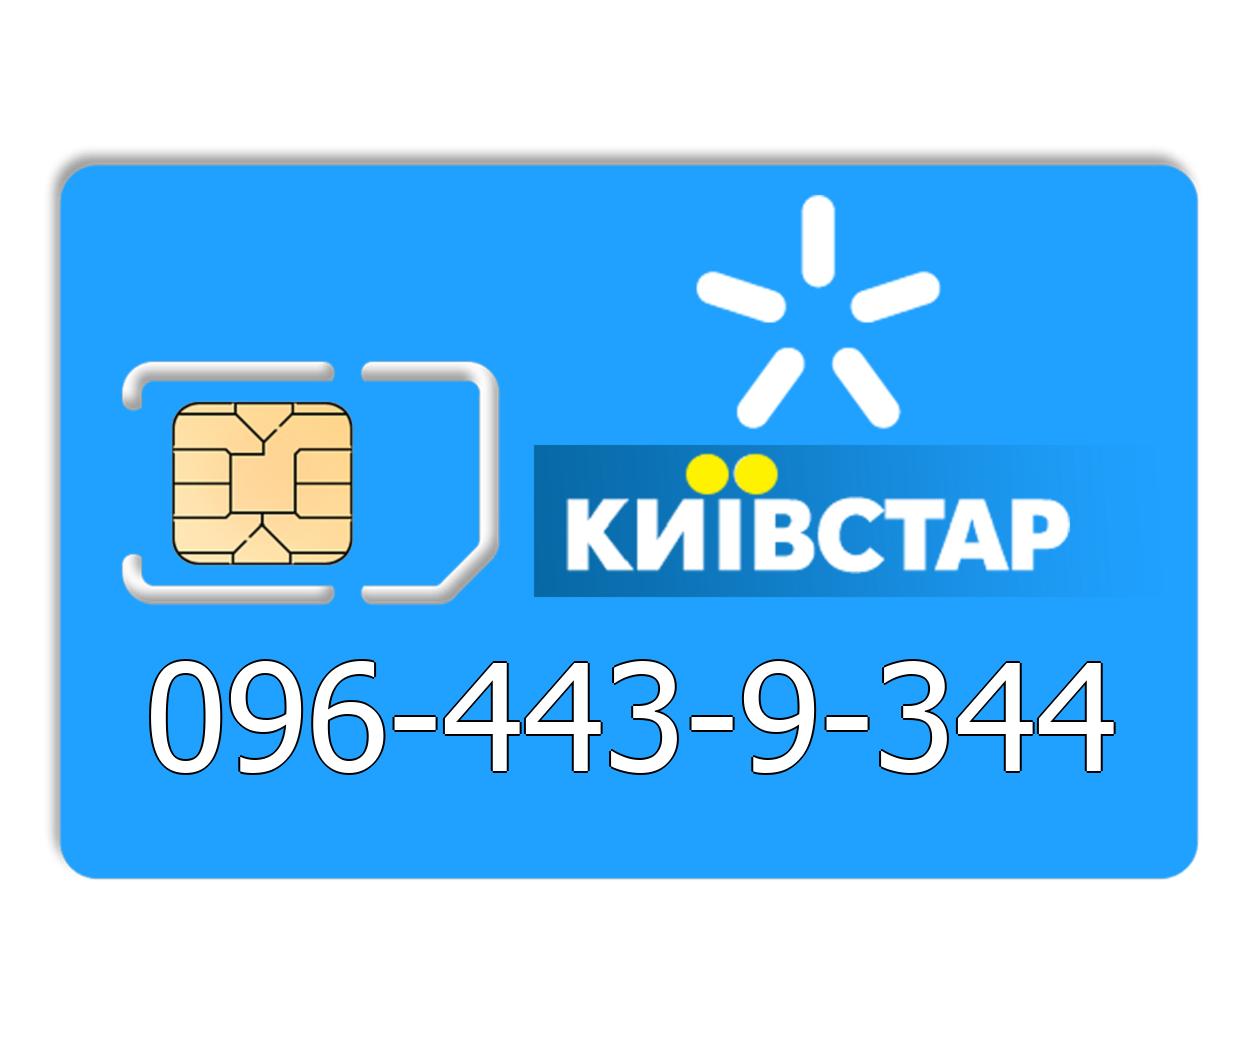 Красивый номер Киевстар 096-443-9-344